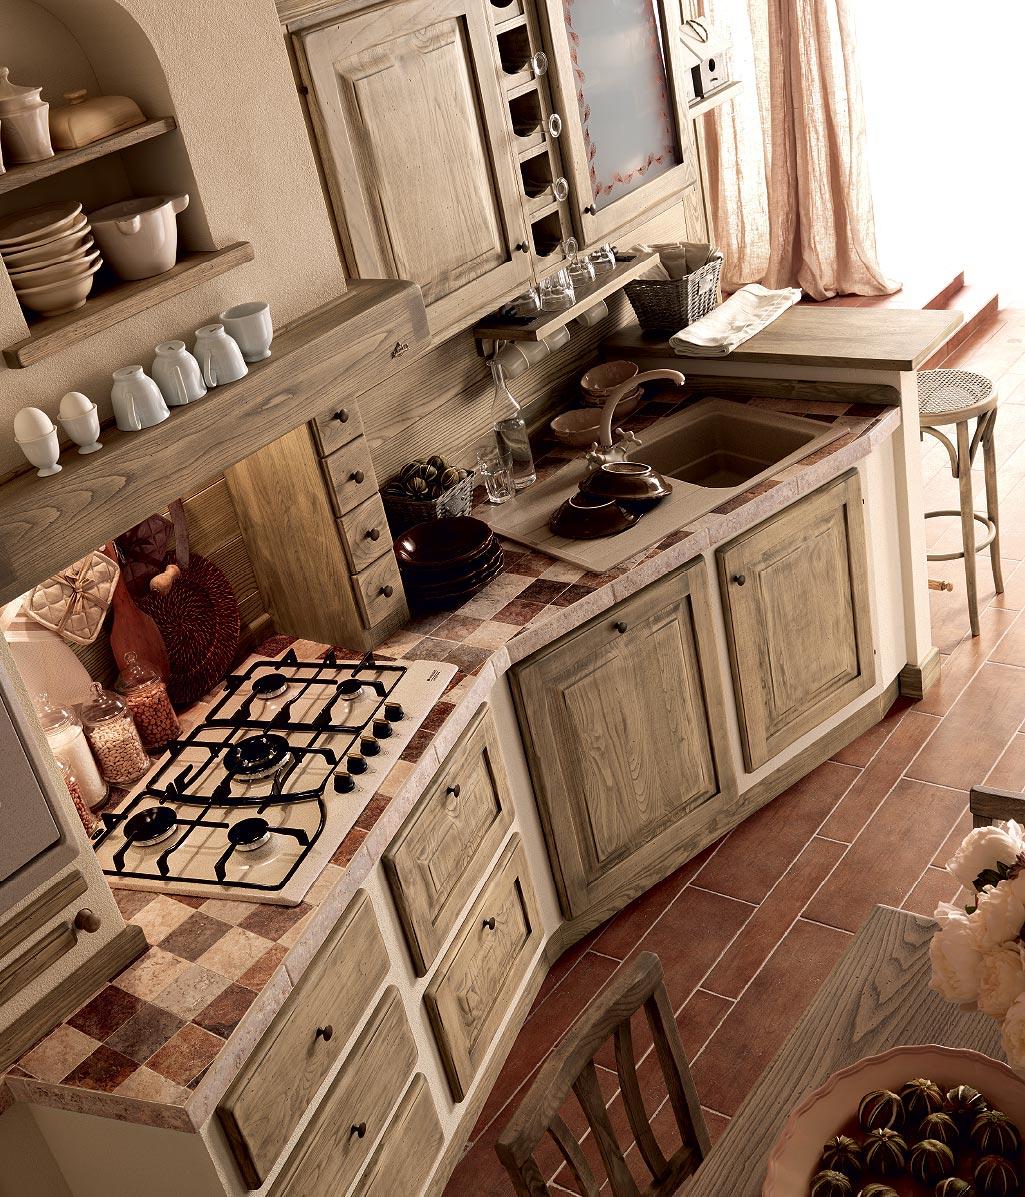 Prezzi cucine in muratura : lavelli per cucine in muratura prezzi ...